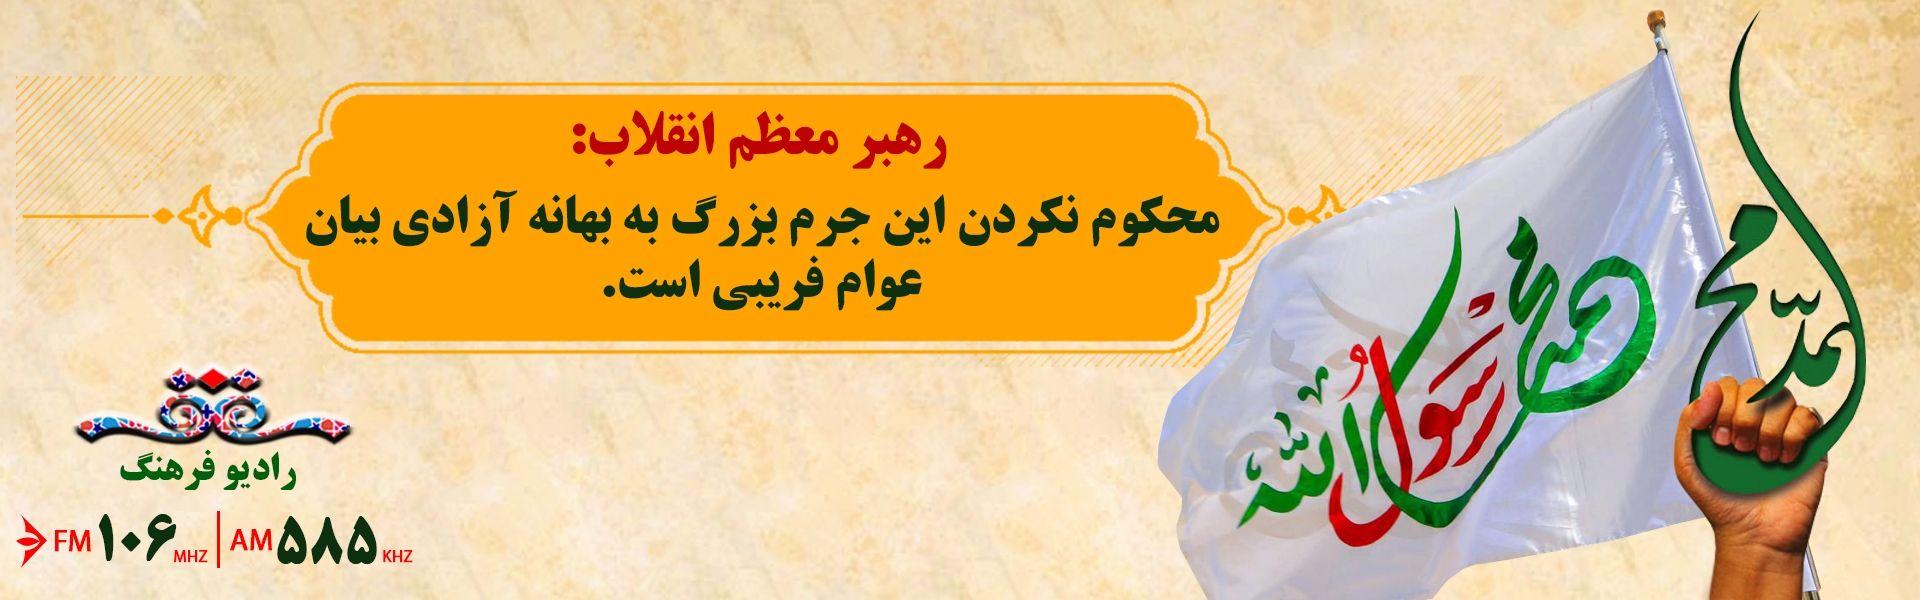 به بهانه هتک حرمت به ساحت مقدس پیامبر مکرم اسلام، حضرت محمد مصطفی(ص)